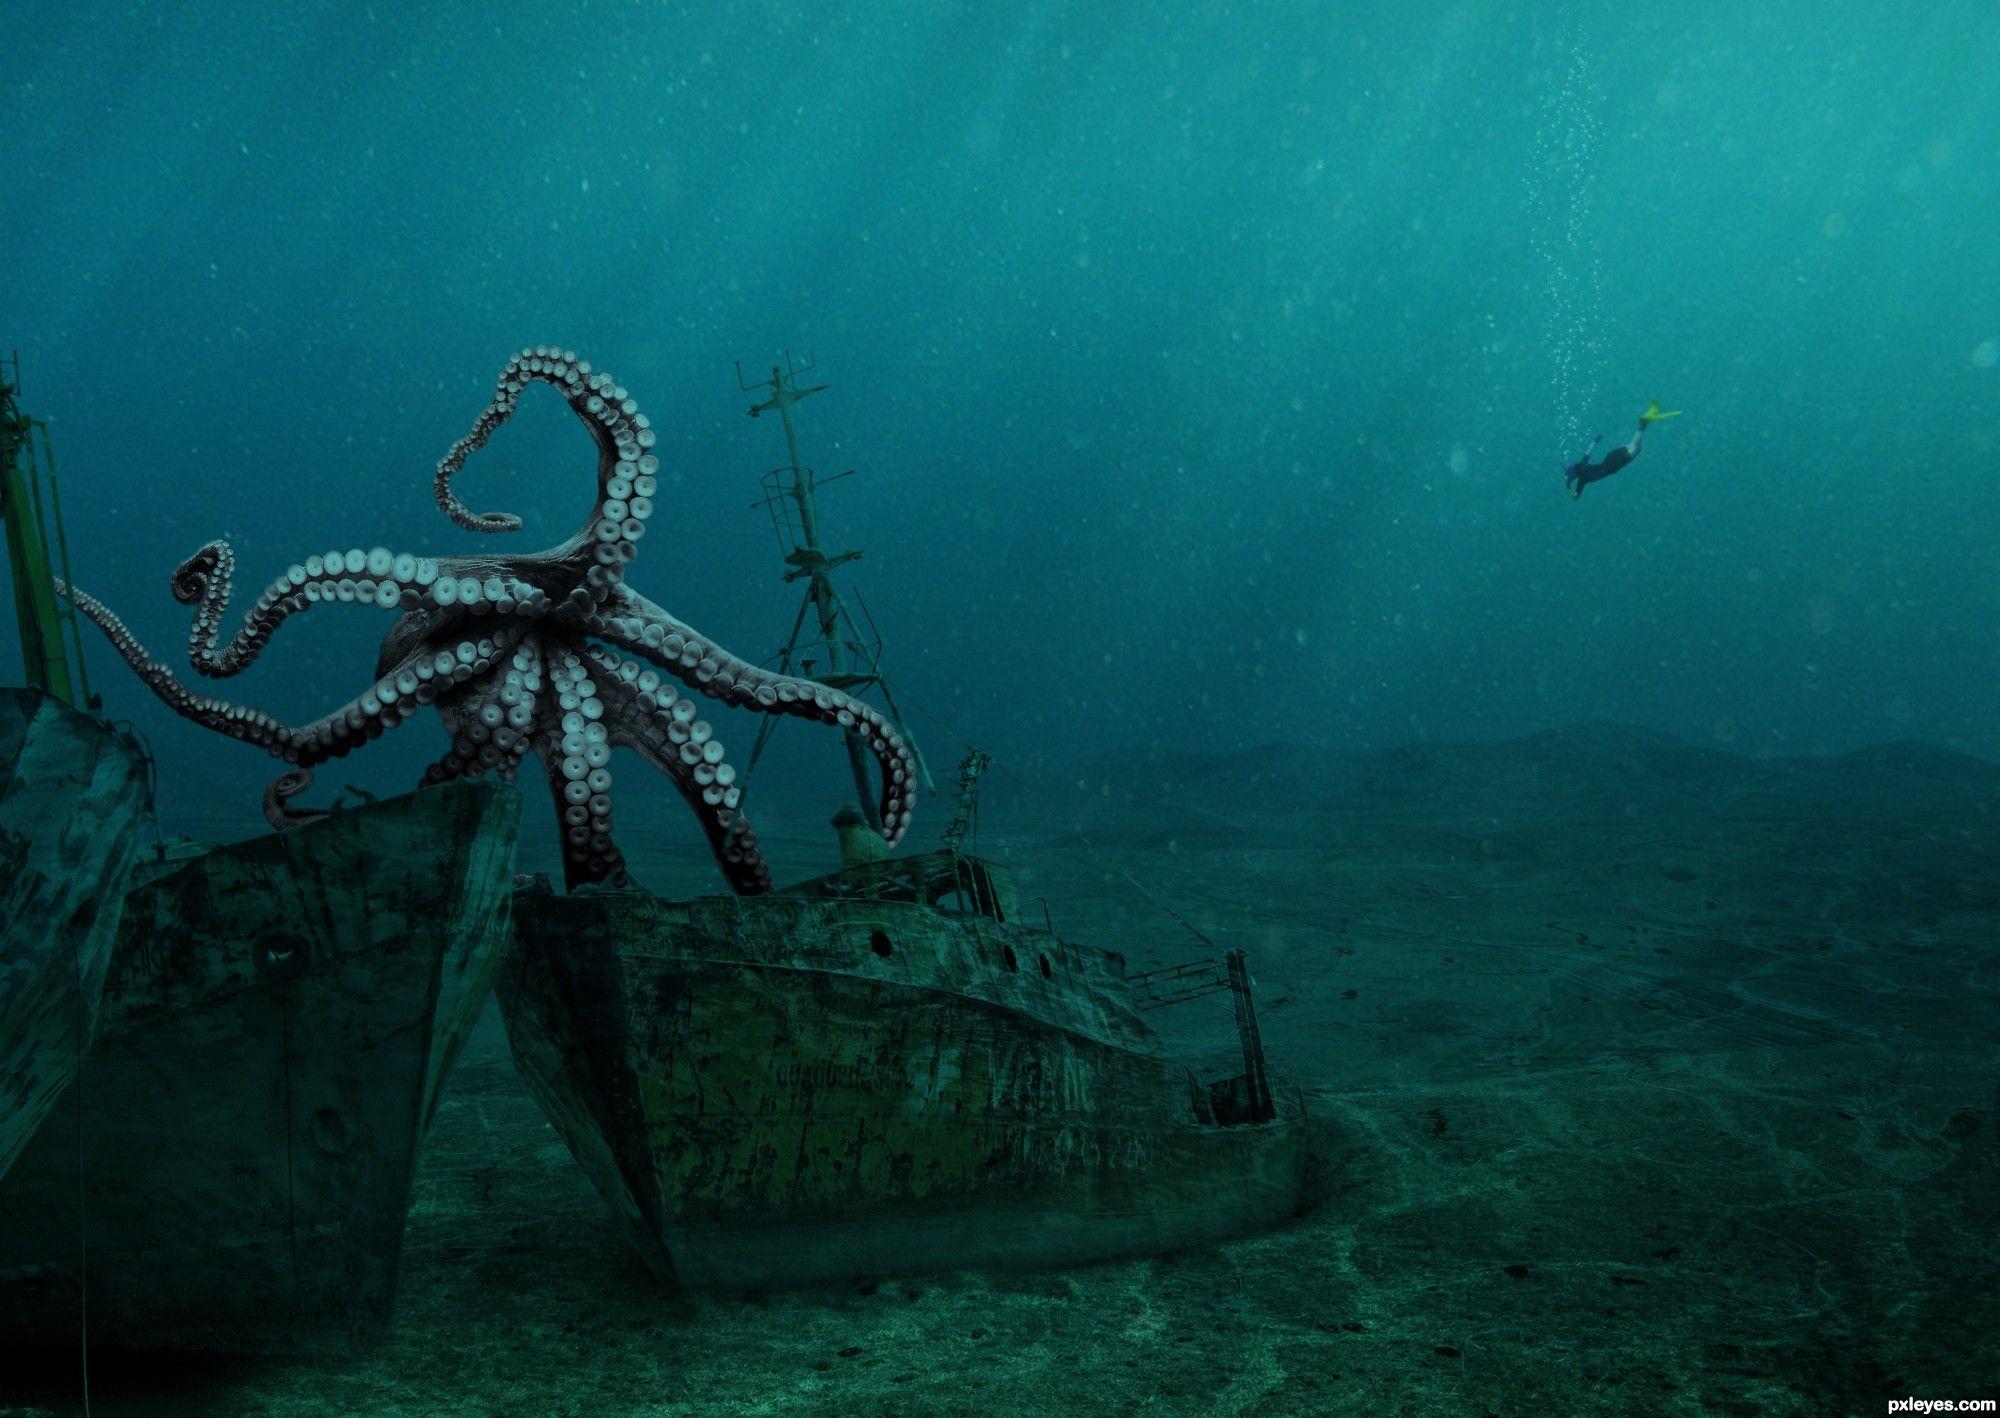 находимся картинки море скелеты каких фильмах сериалах